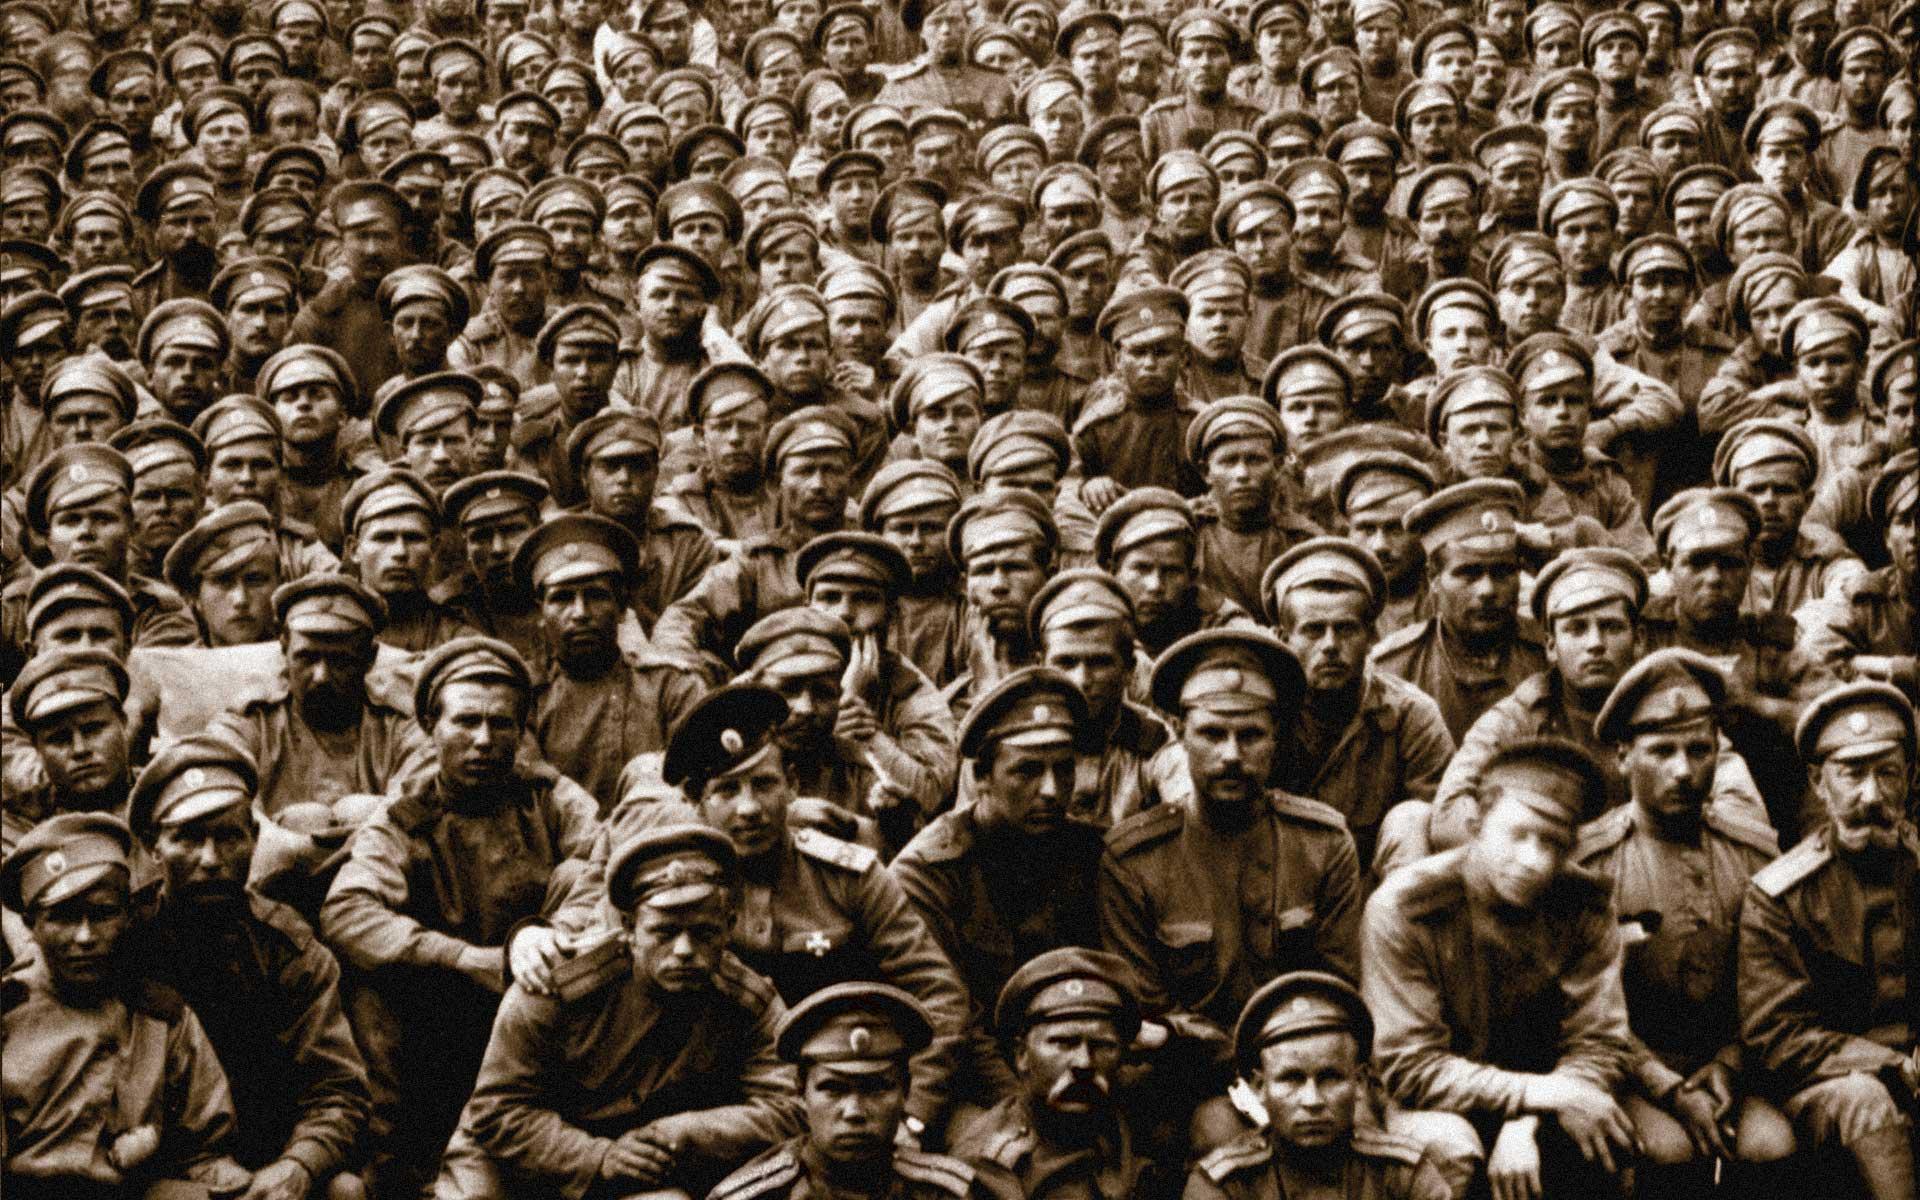 1920_nittonhundra2.jpg